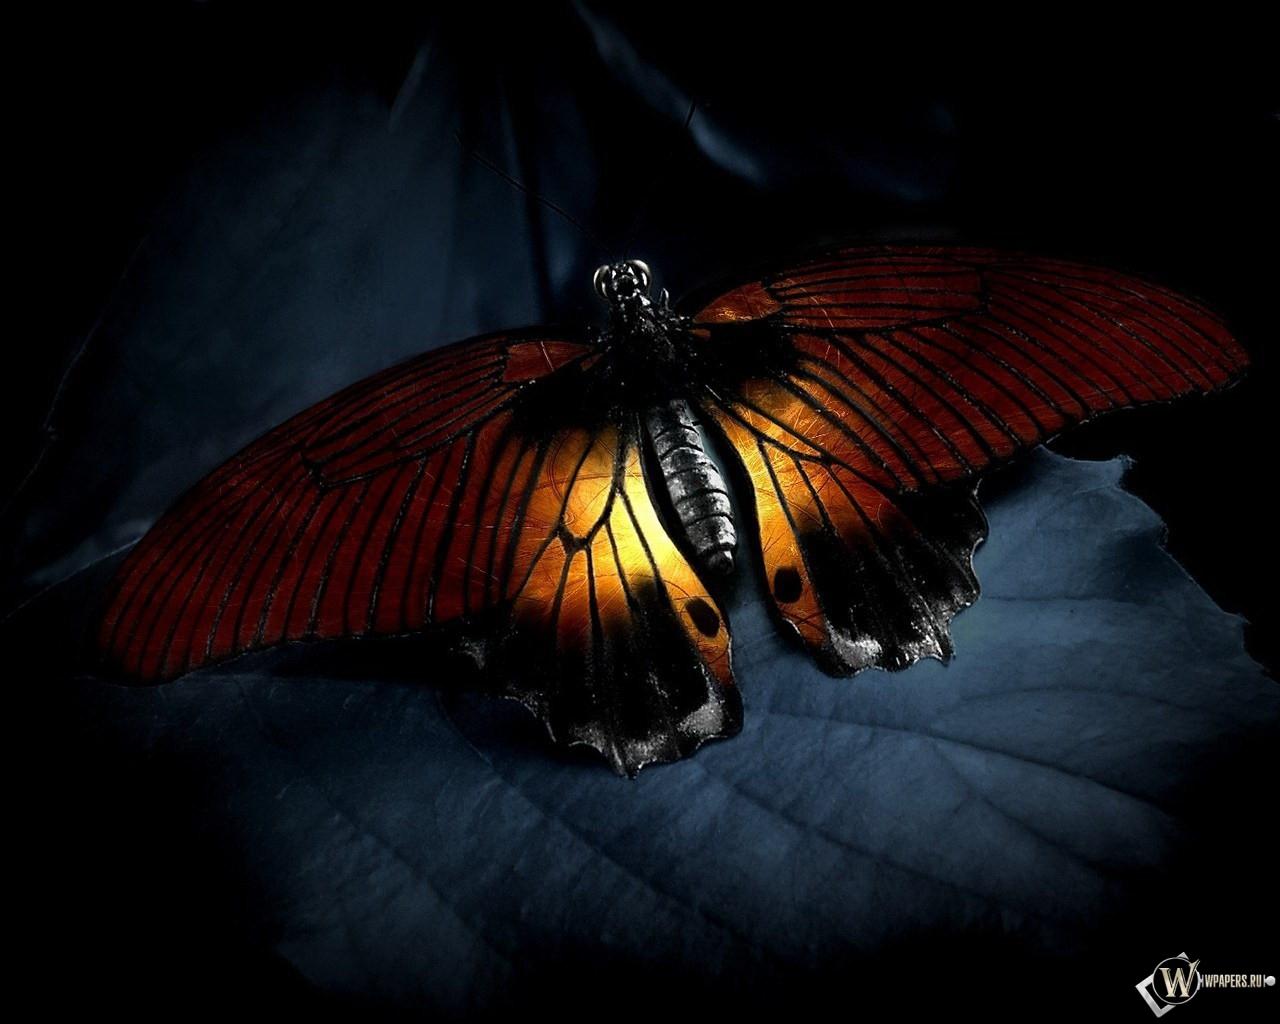 Бабочка 1280x1024